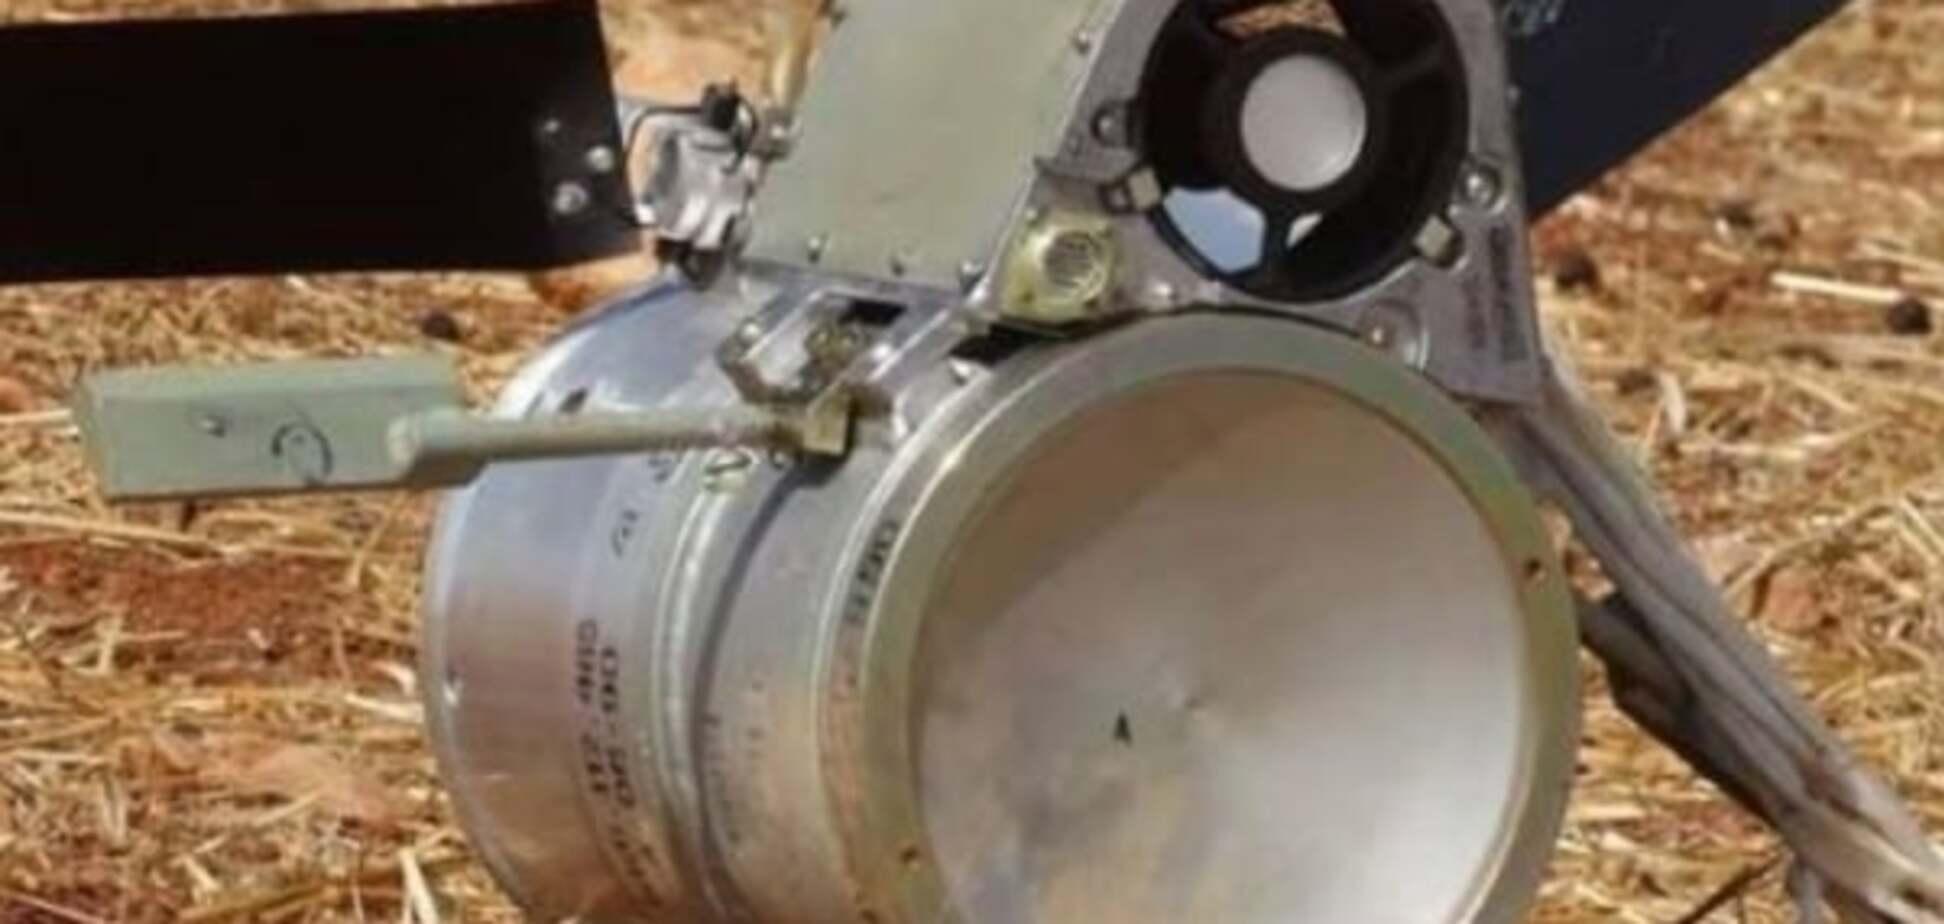 Мощная сверхдержава? Россия применяет в Сирии советские 'тупые бомбы' - расследование Reuters